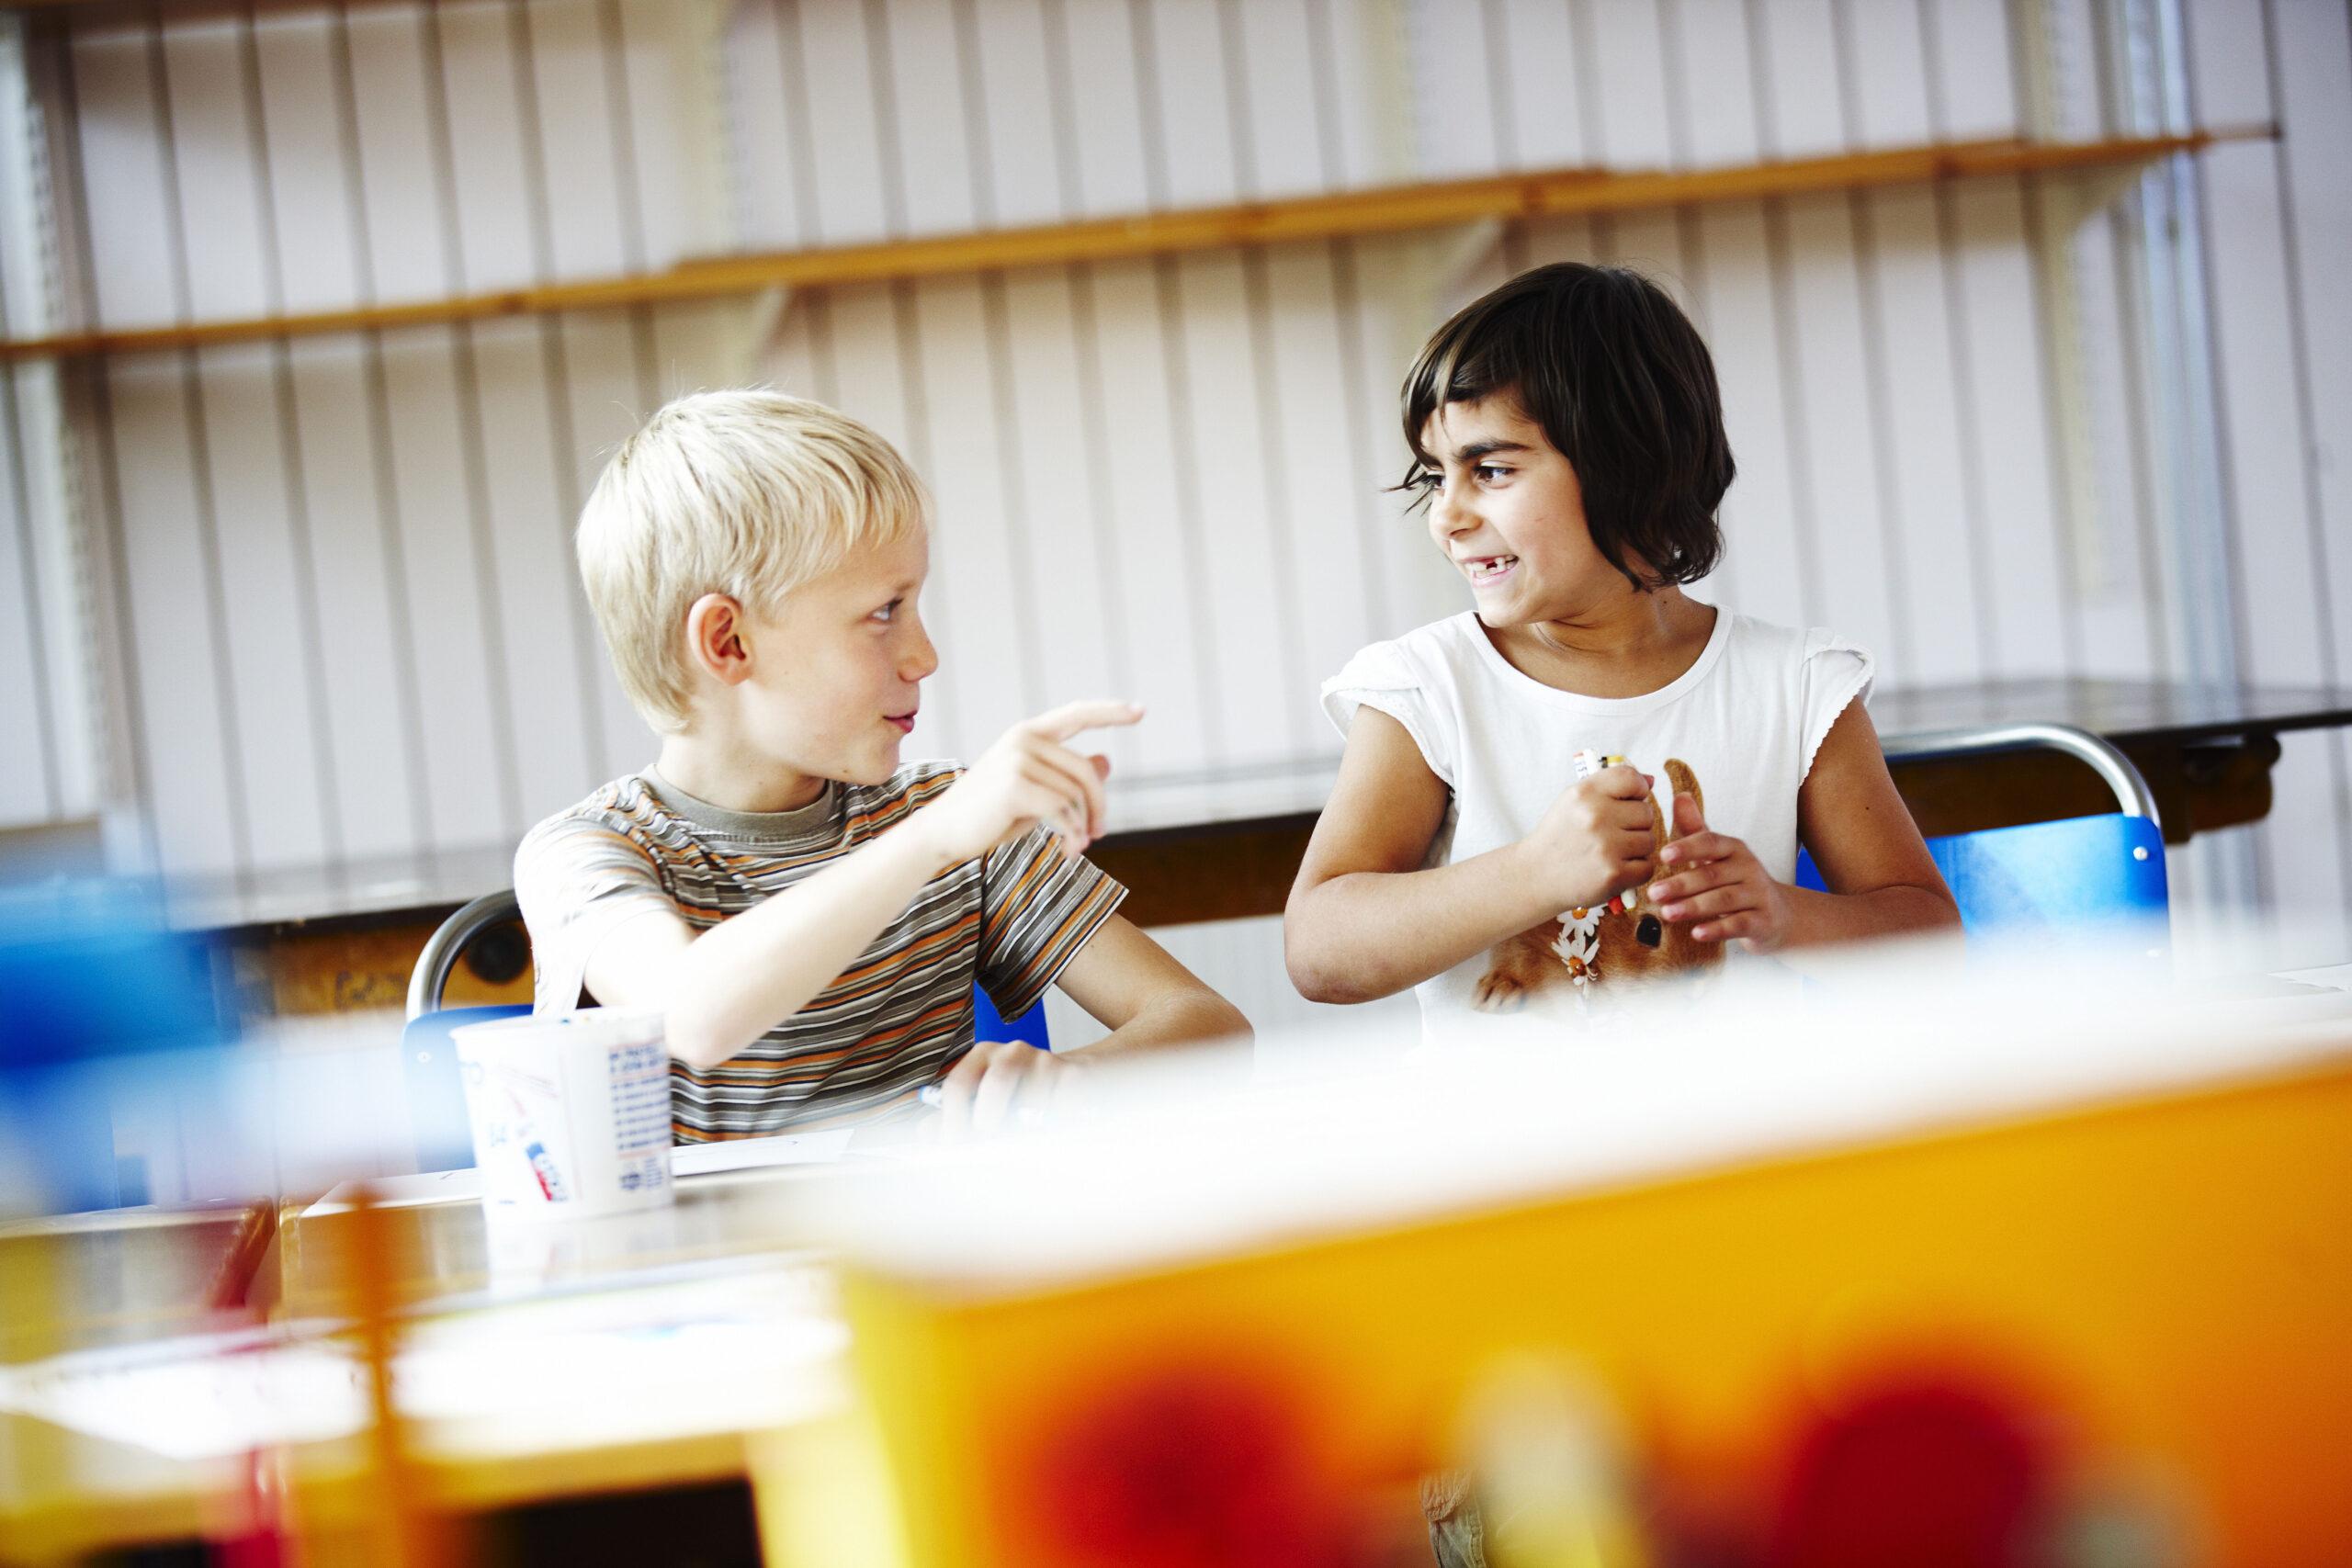 Ett fotografi av två barn som sitter vid ett bord.